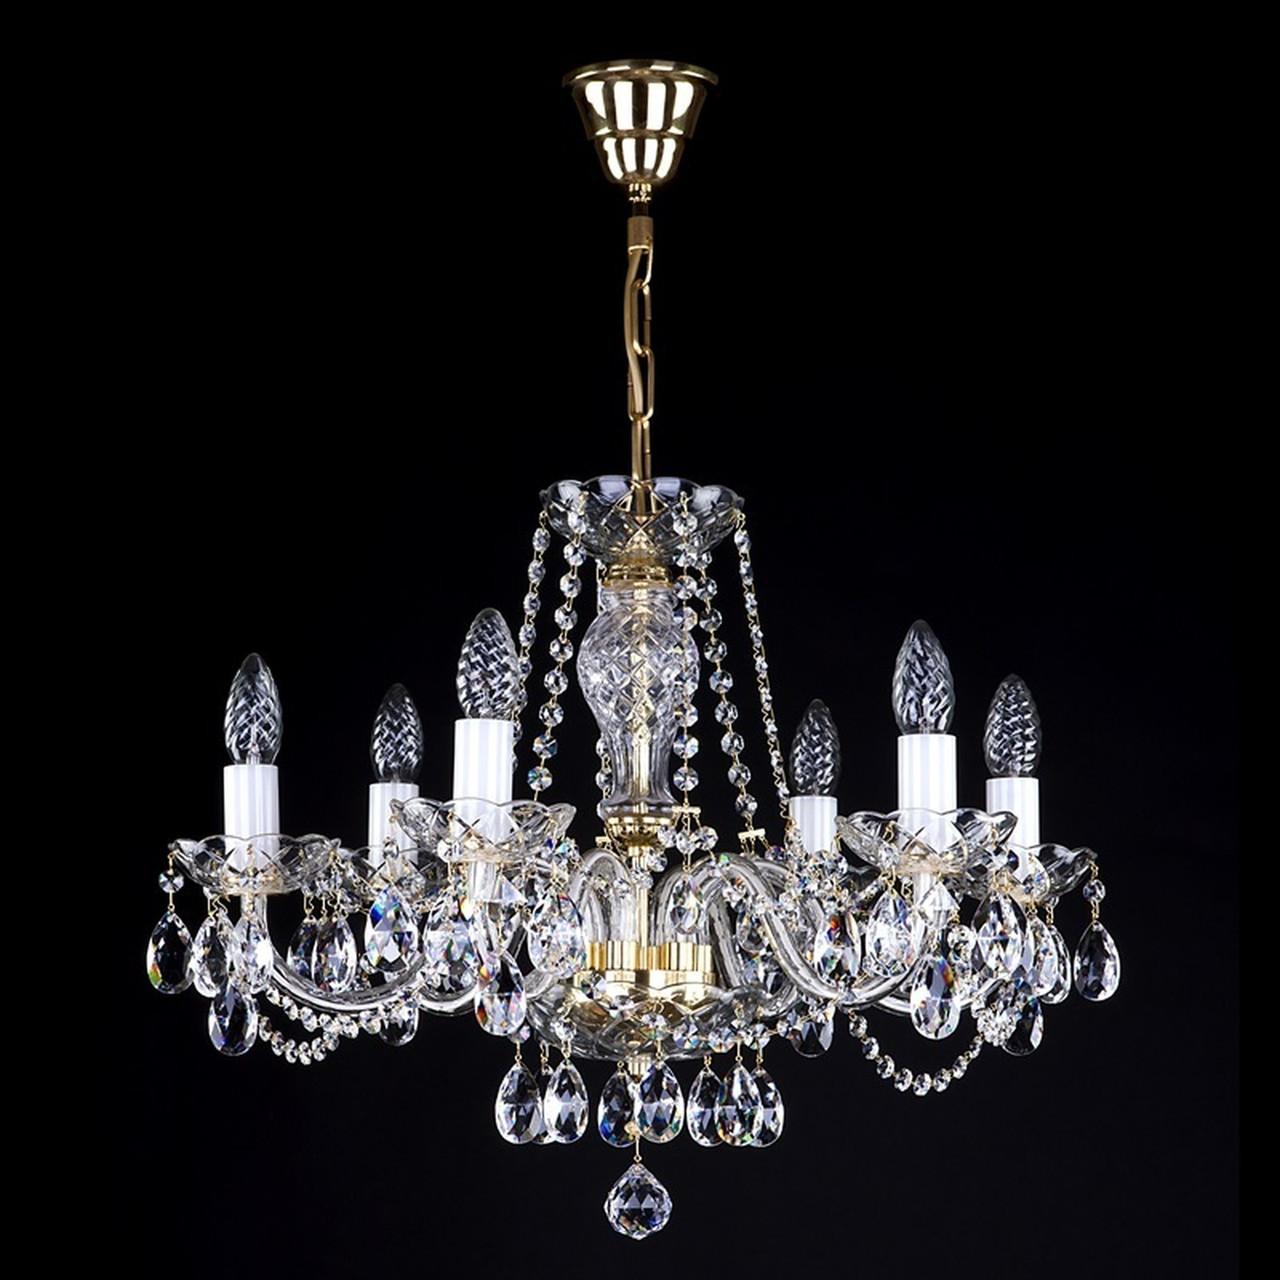 Хрустальная люстра для спальни, зала на 6 лампочек А 0003-06-20